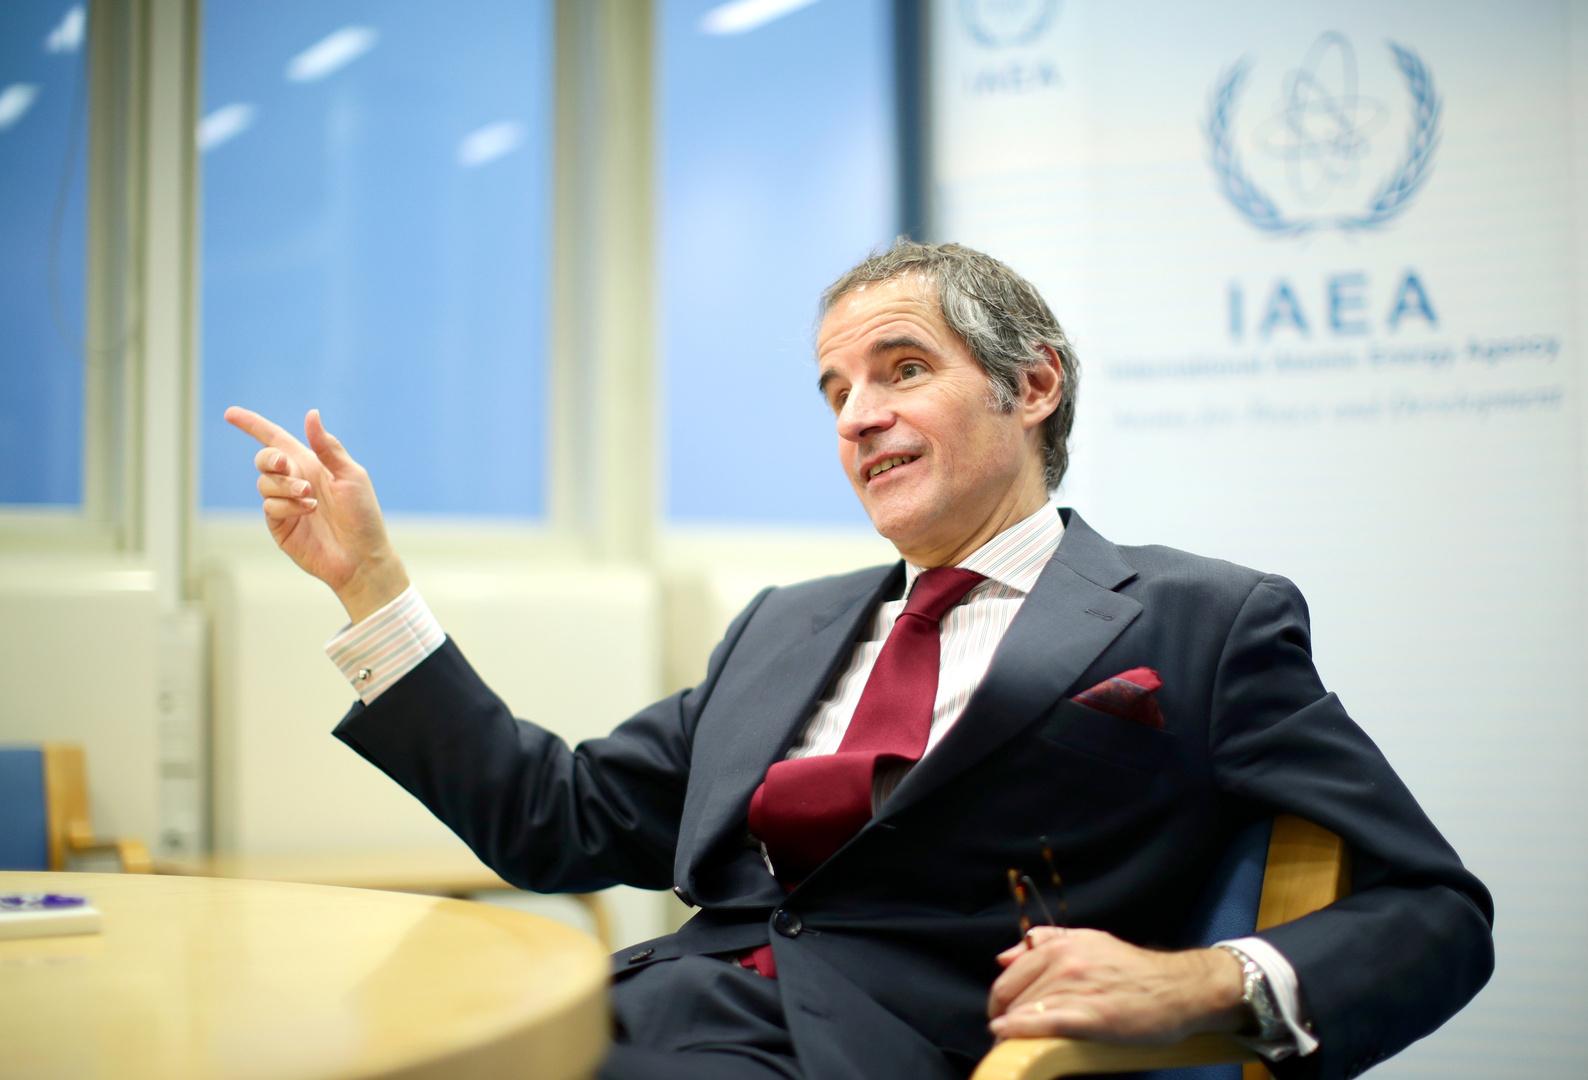 مدير الوكالة الدولية للطاقة الذرية يتوجه إلى إيران